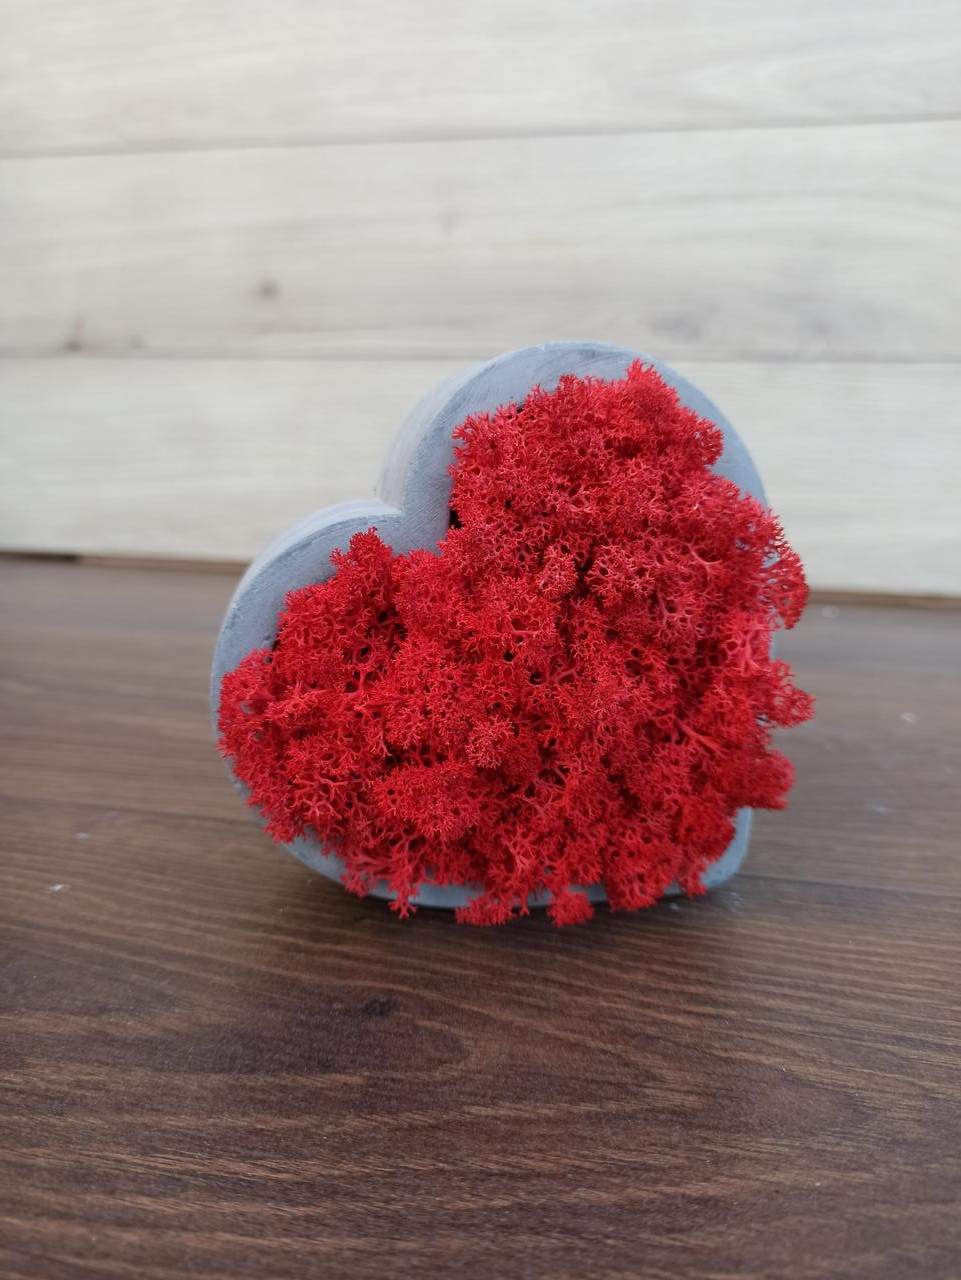 Гіпсове кашпо у формі серця з червоним мохом.